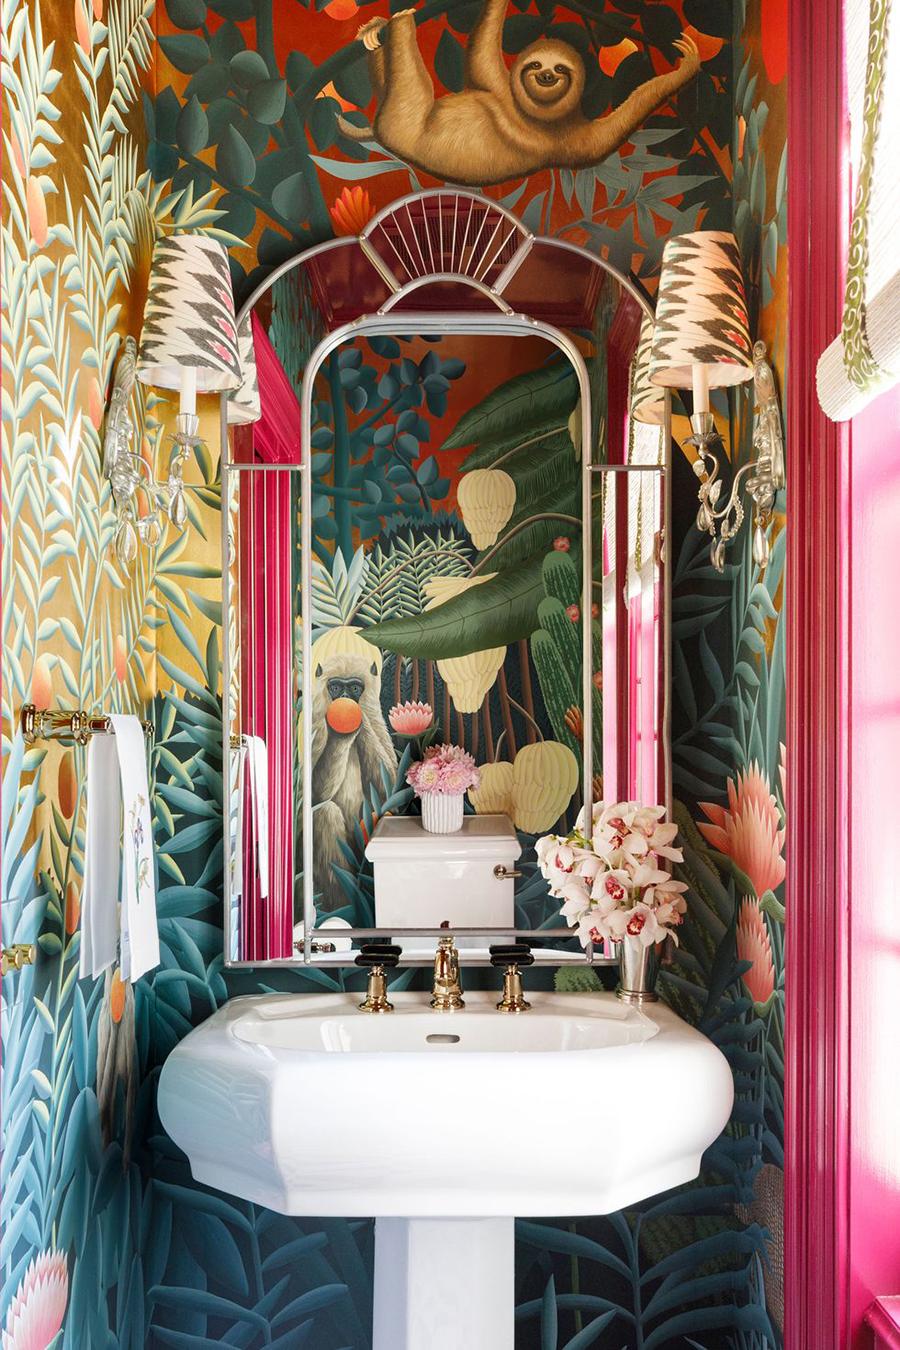 Un pequeño baño puede resaltar completamente con un papel mural maxi, que se vuelve el foco de atención en la decoración del espacio.